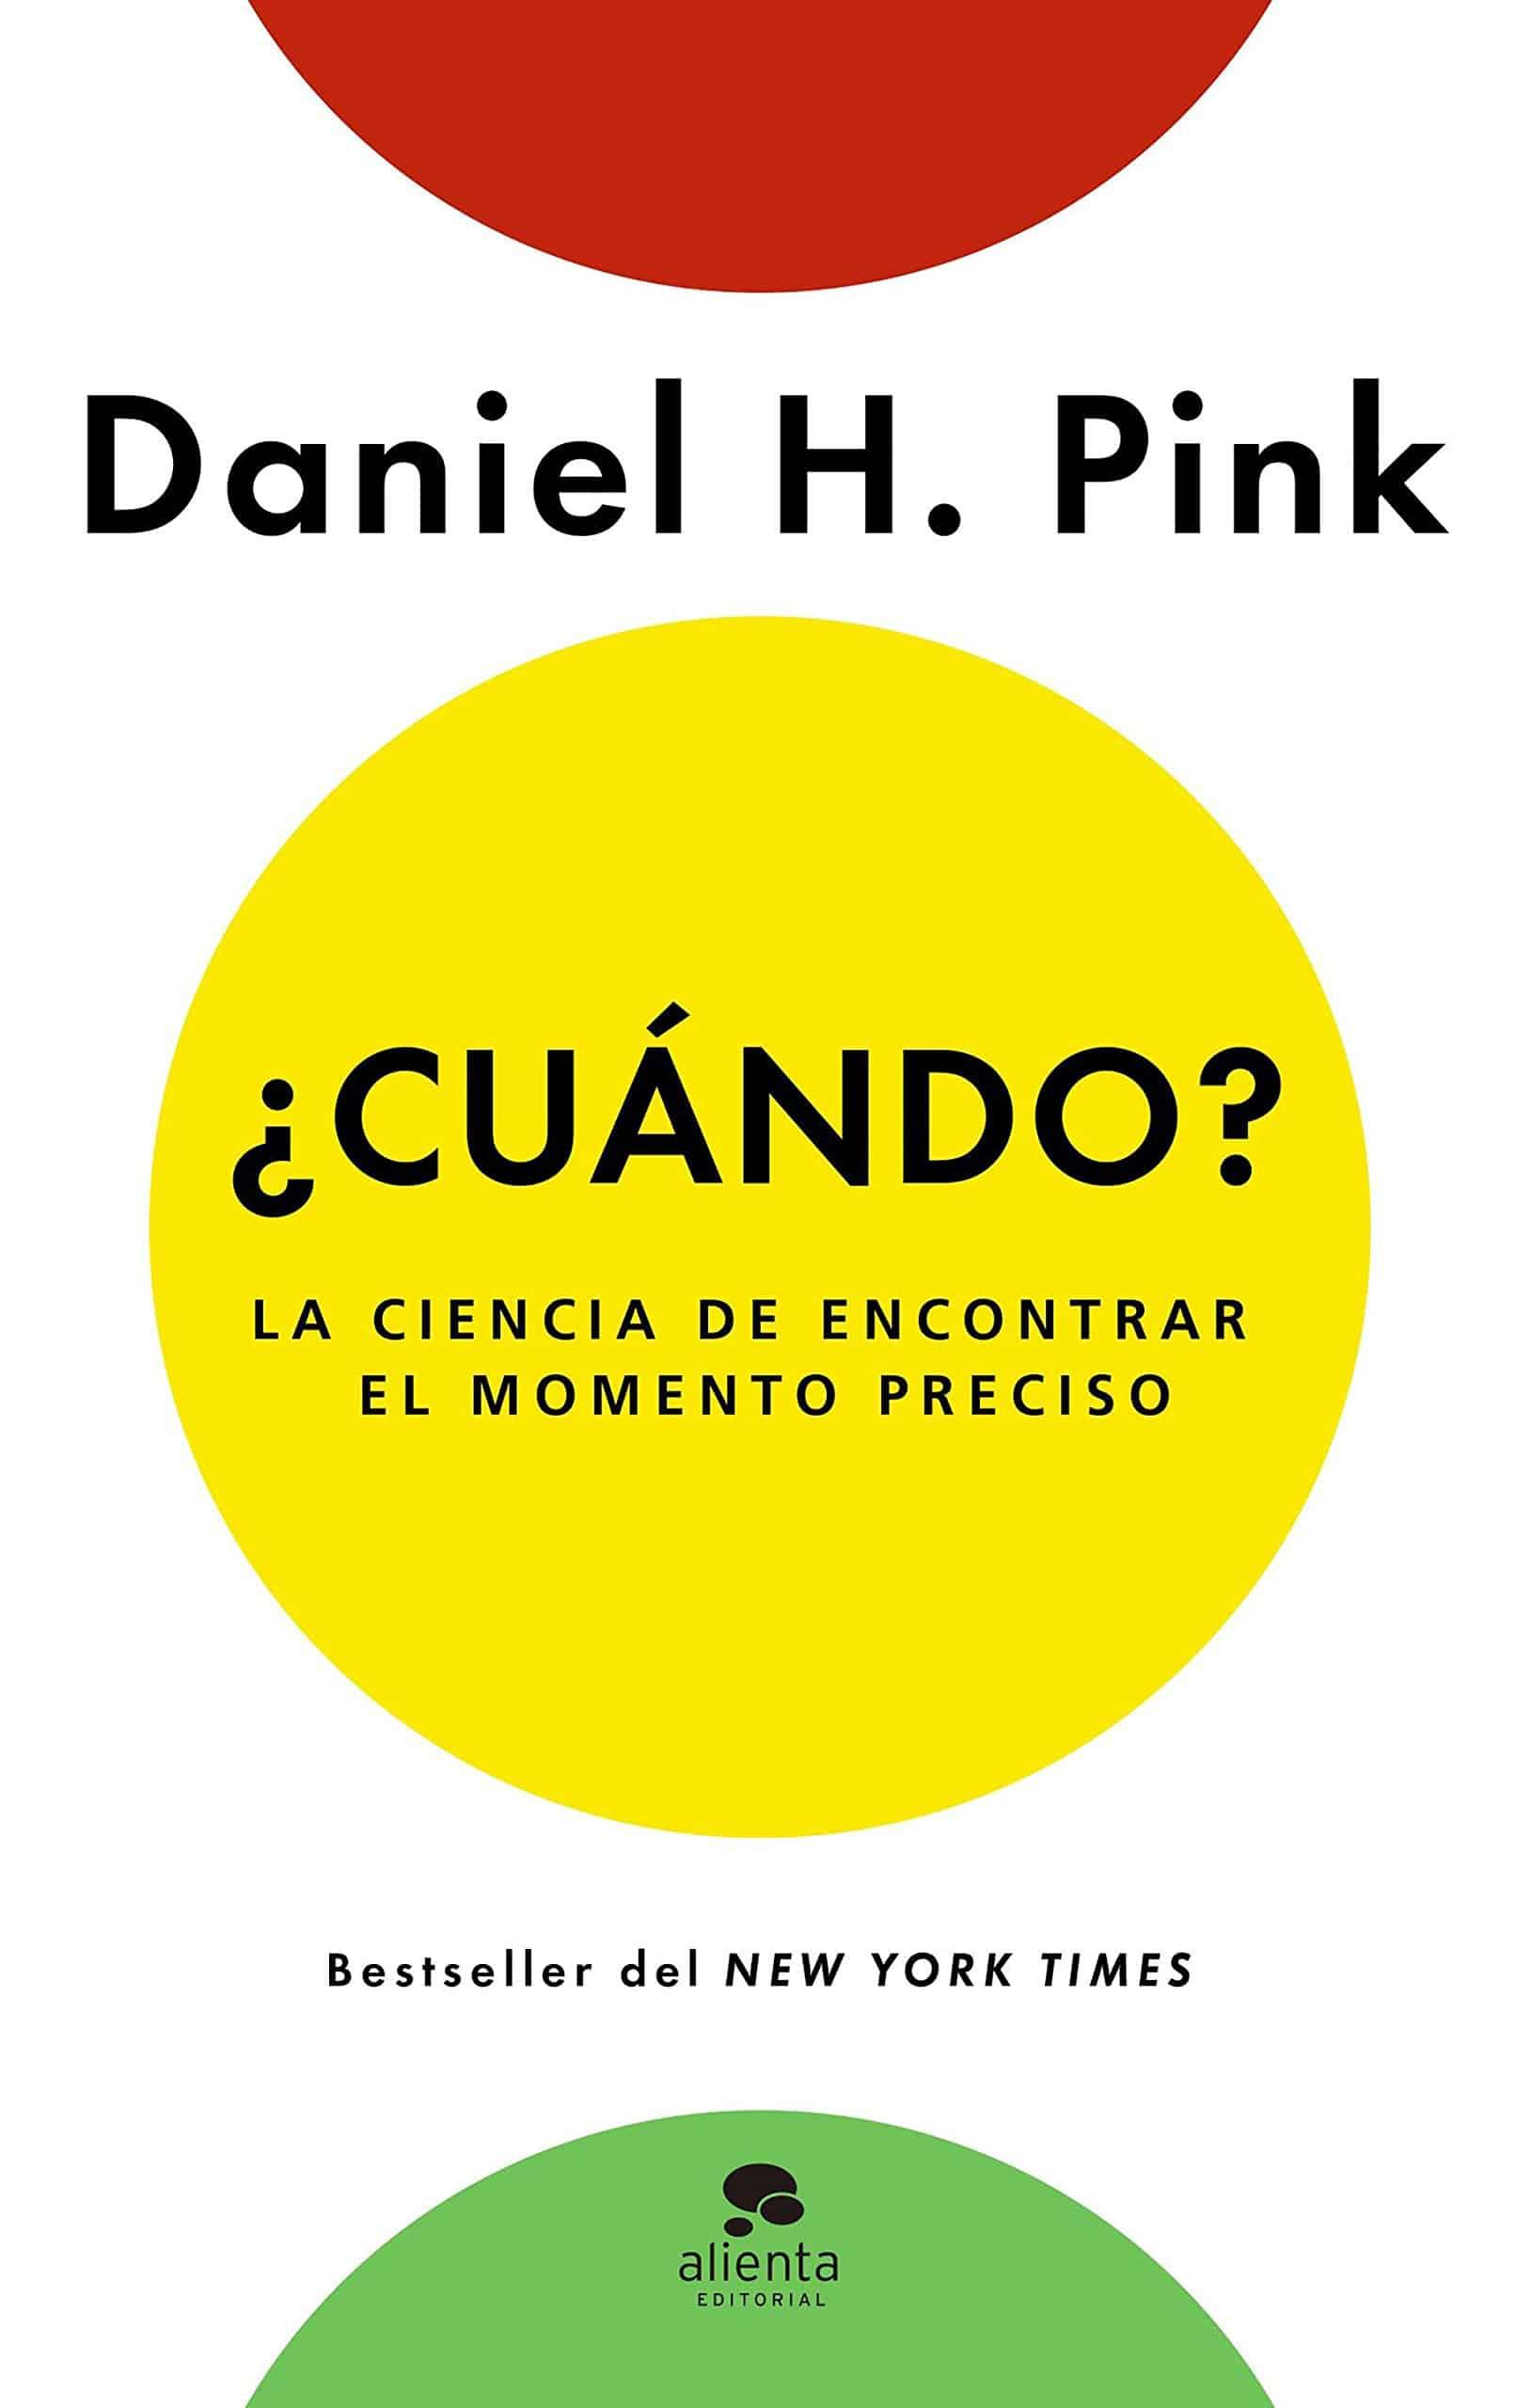 ¿Cuándo? Daniel H. Pink